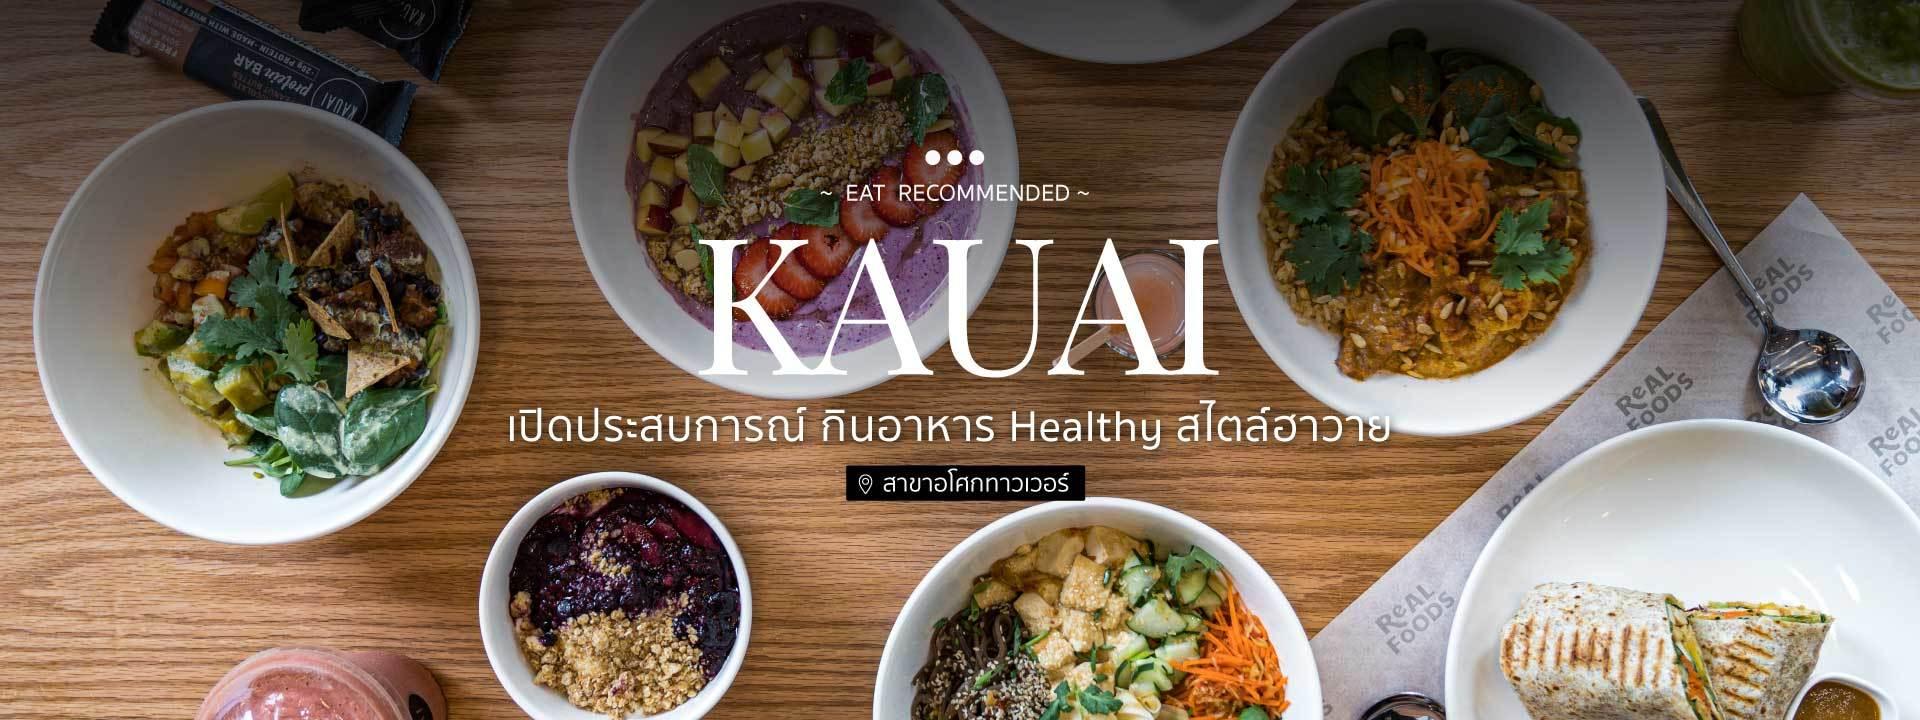 KAUAI cover web